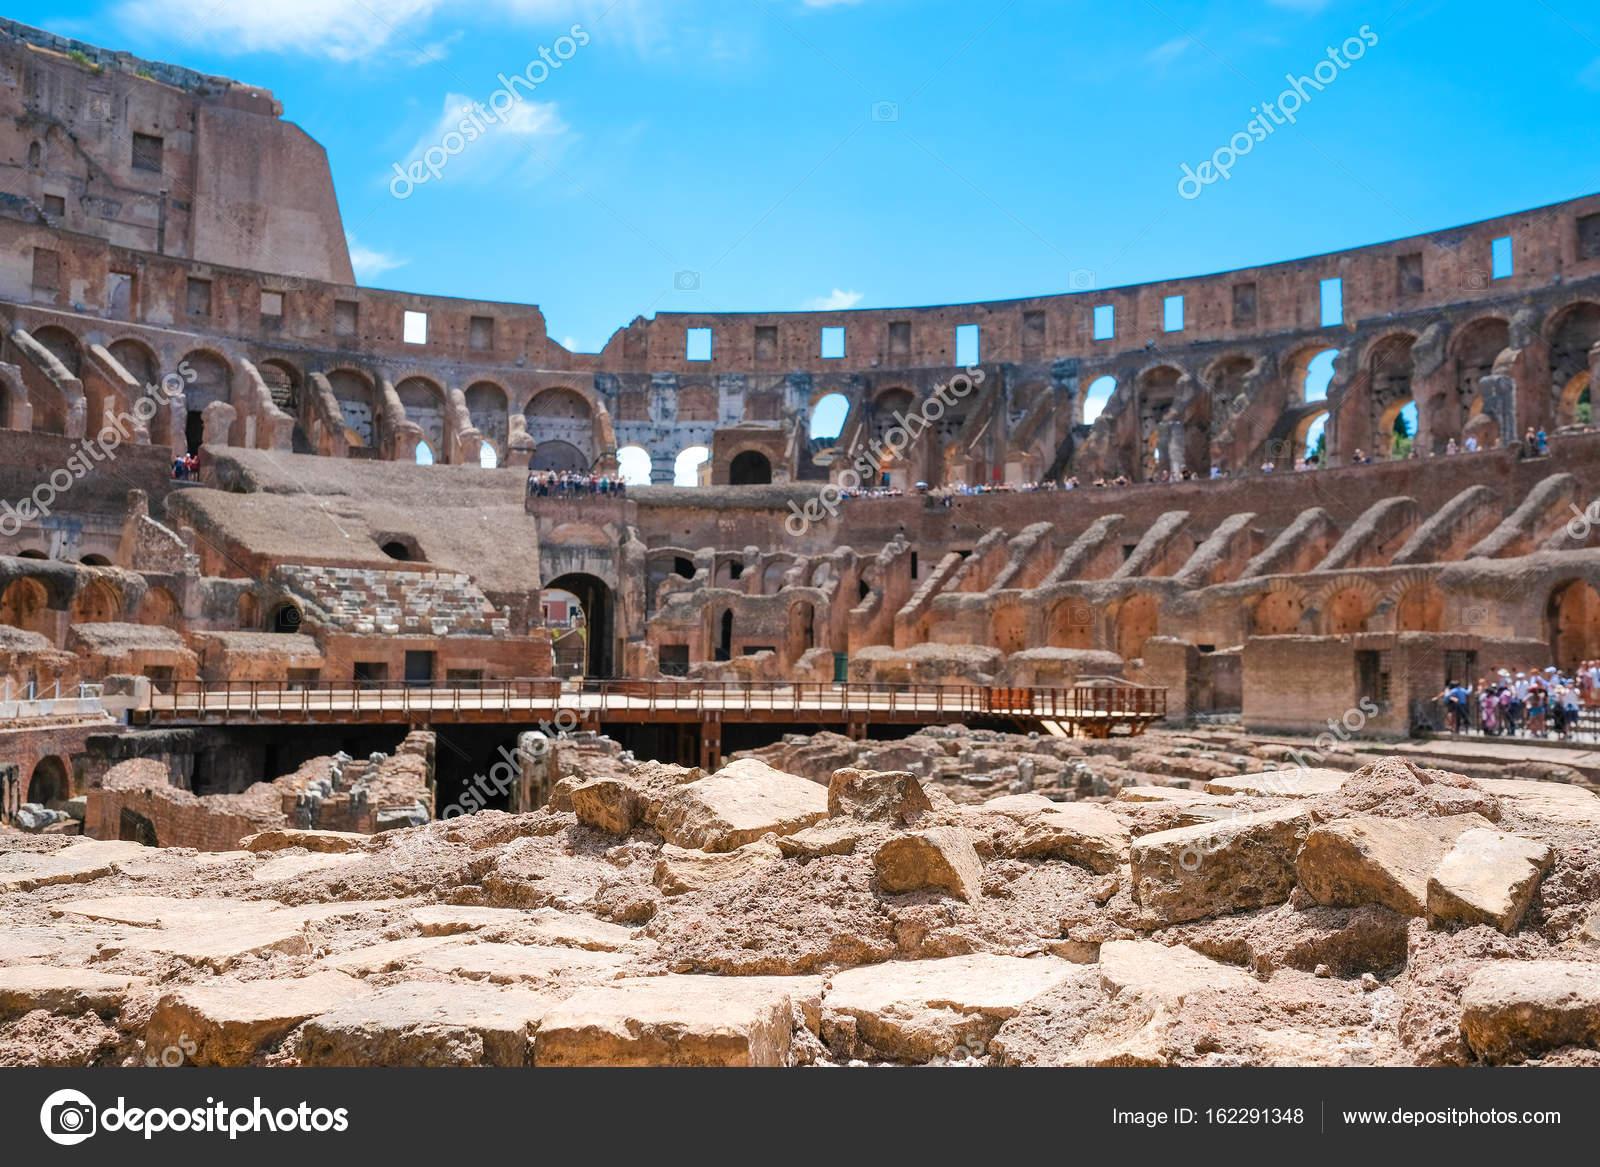 Foto Antigua Del Coliseo Romano Interior Del Coliseo Anfiteatro